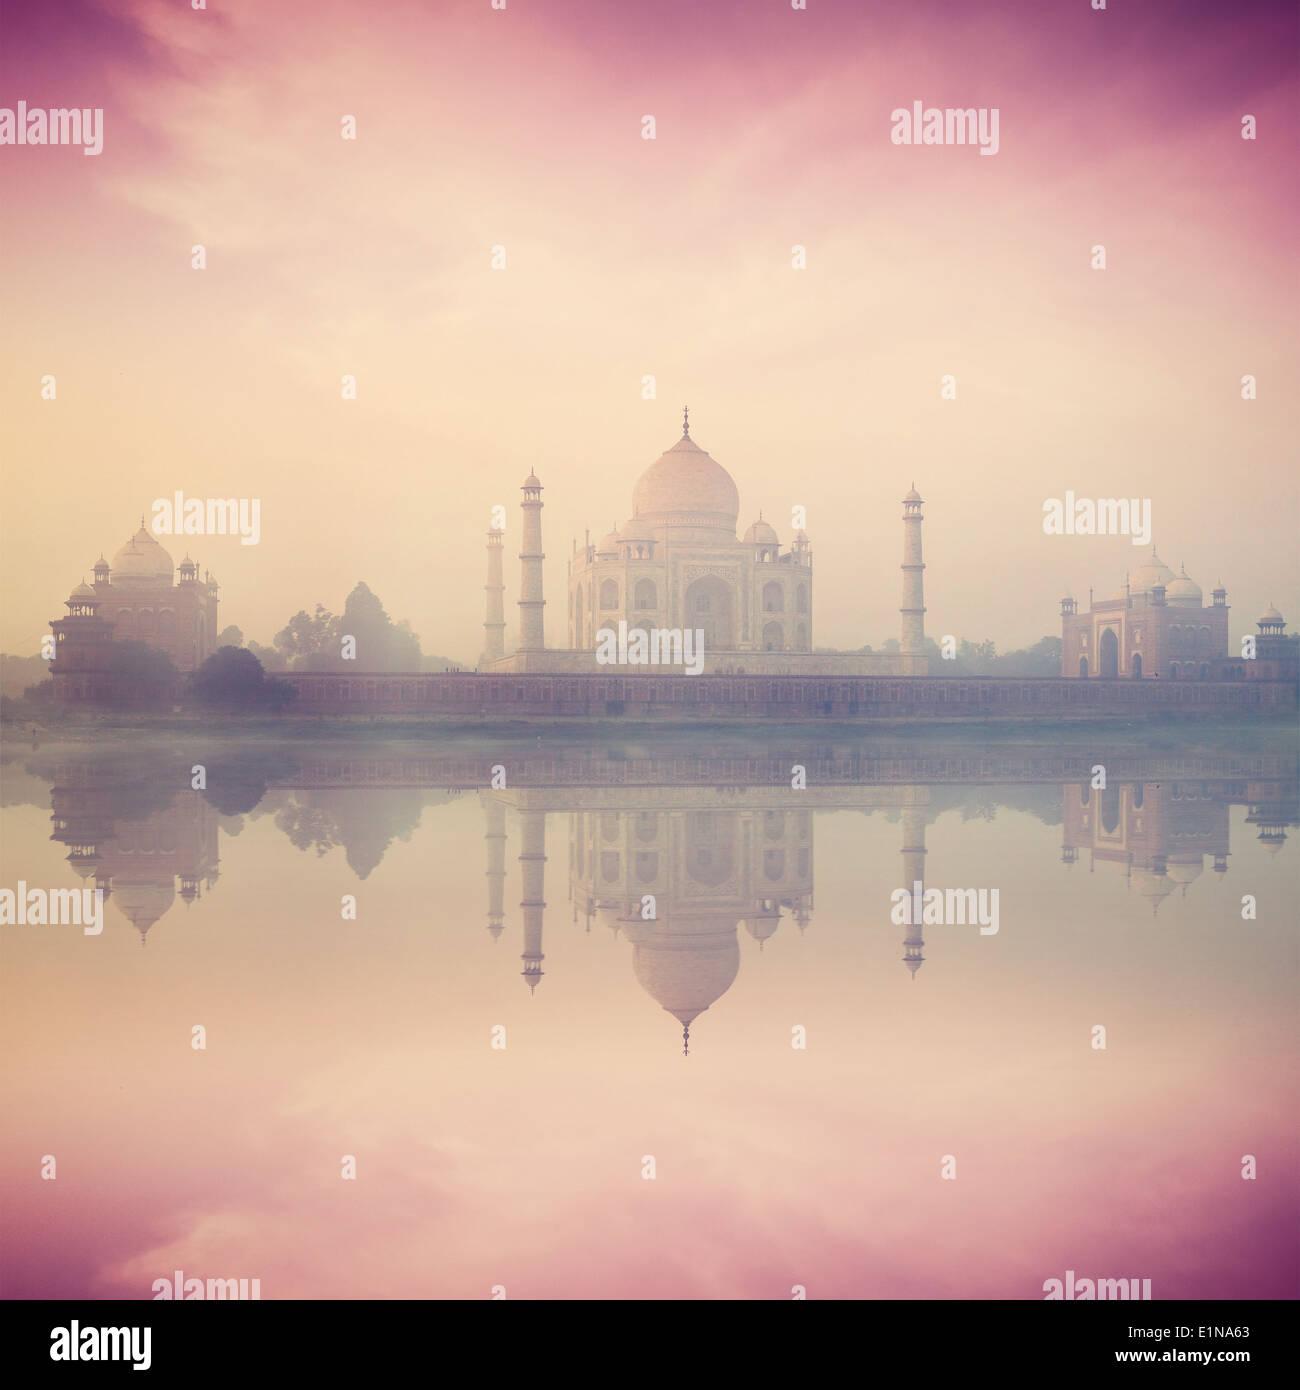 Retro Vintage style hipster image du Taj Mahal sur Lever coucher reflet dans la rivière Yamuna panorama dans le brouillard, symbole indien Photo Stock